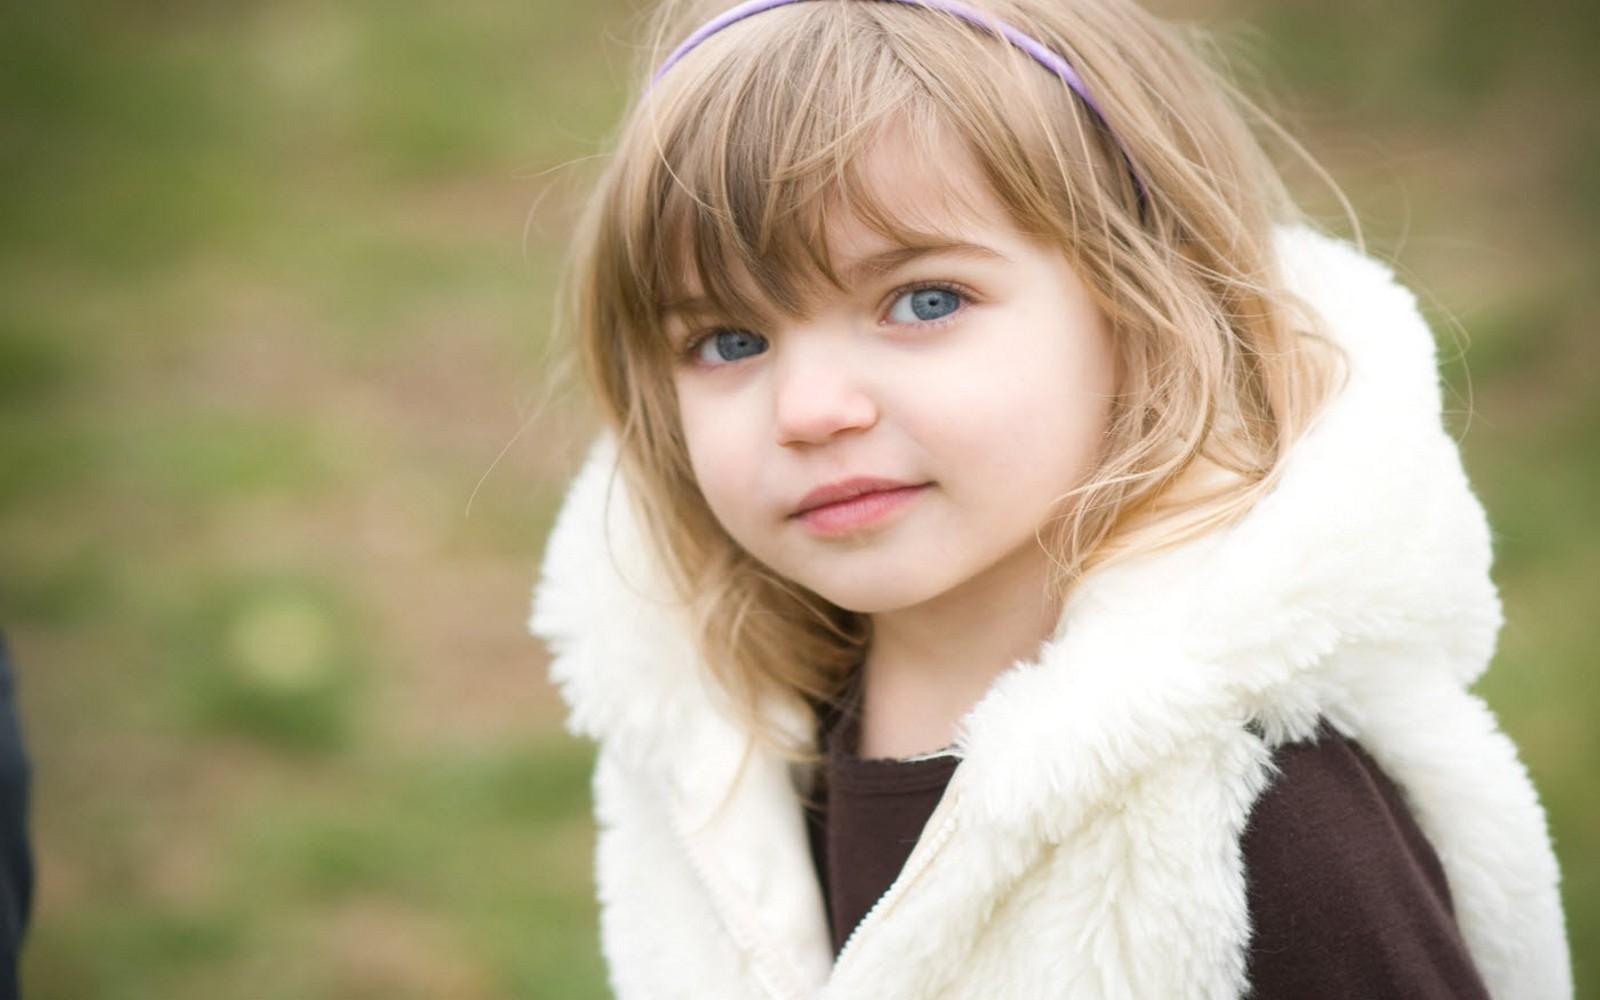 بالصور اجمل الصور للاطفال البنات , اروع صور البنات الصغار 3734 9